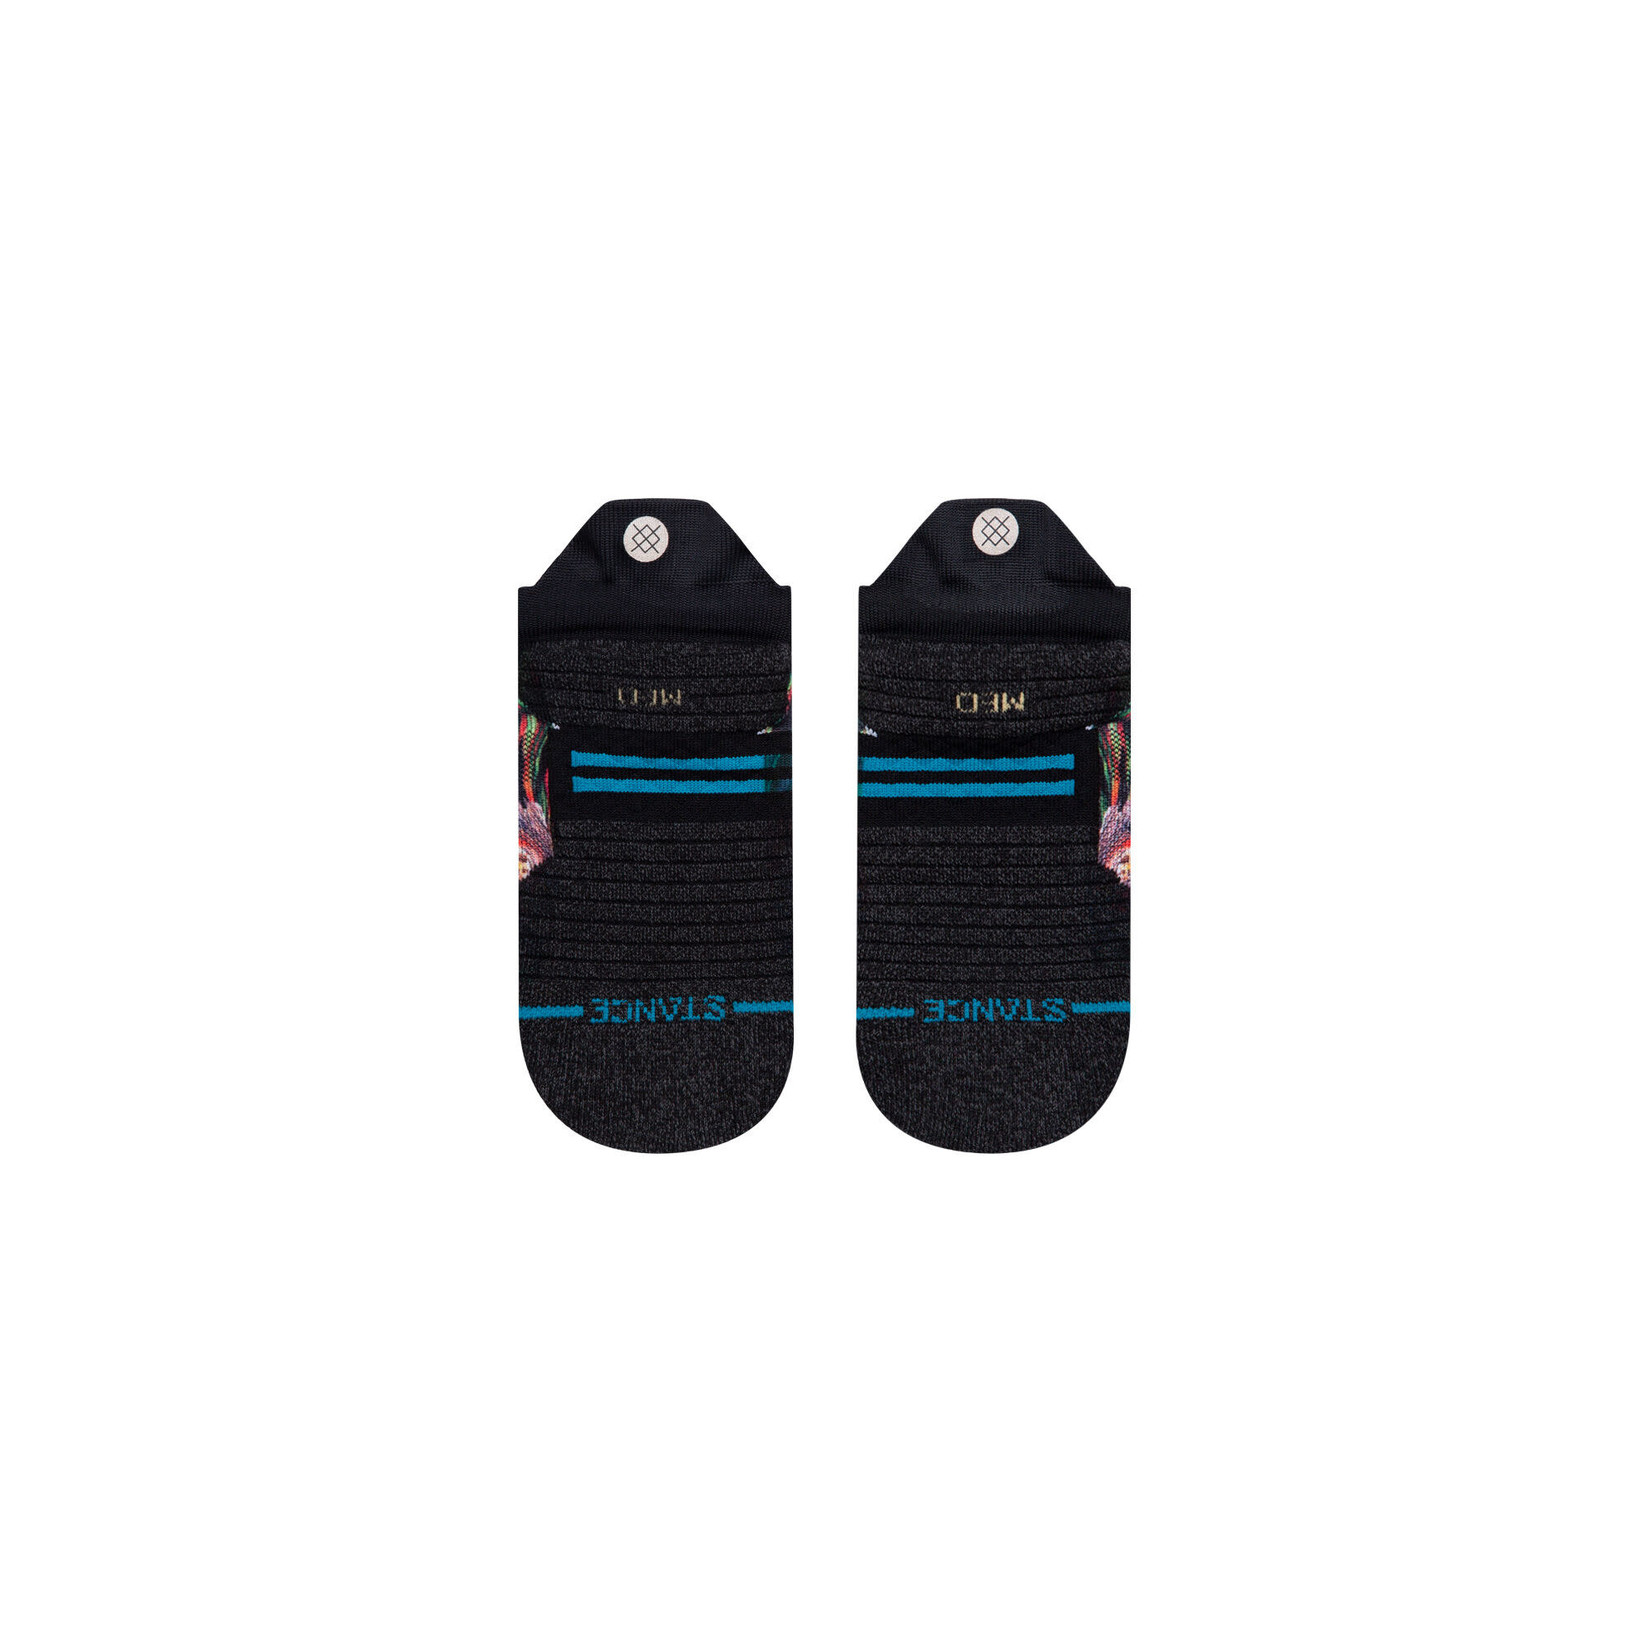 Stance Stance Womens Sock Trop It Low M (8-10.5)